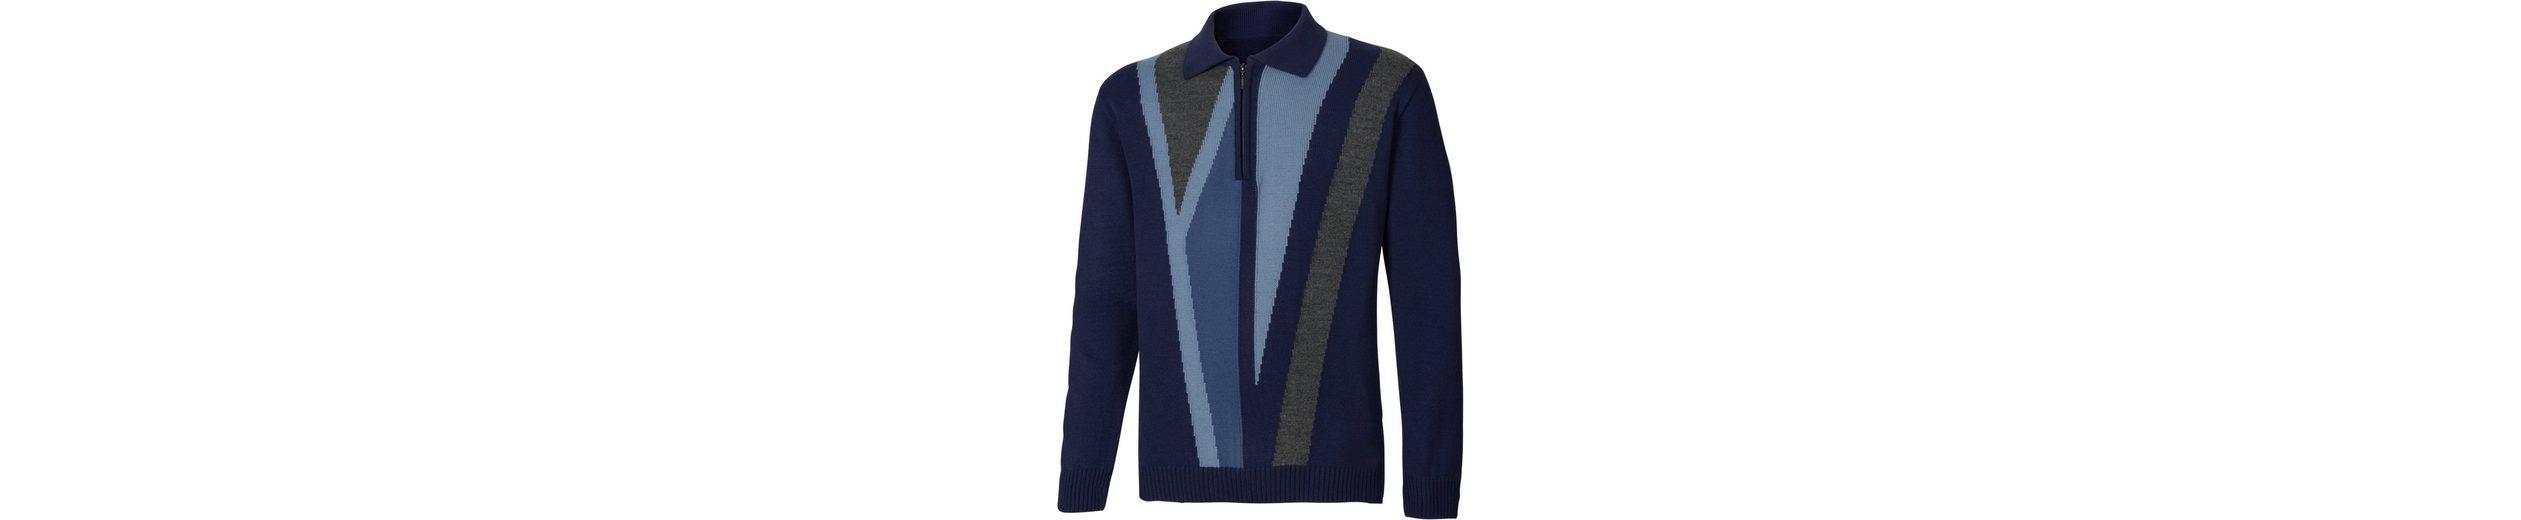 Verkauf Erkunden 100% Garantiert Classic Basics Pullover mit kontrastreichem Strickmuster Rabatt Footlocker Bilder Discount-Marke Neue Unisex QleJ3